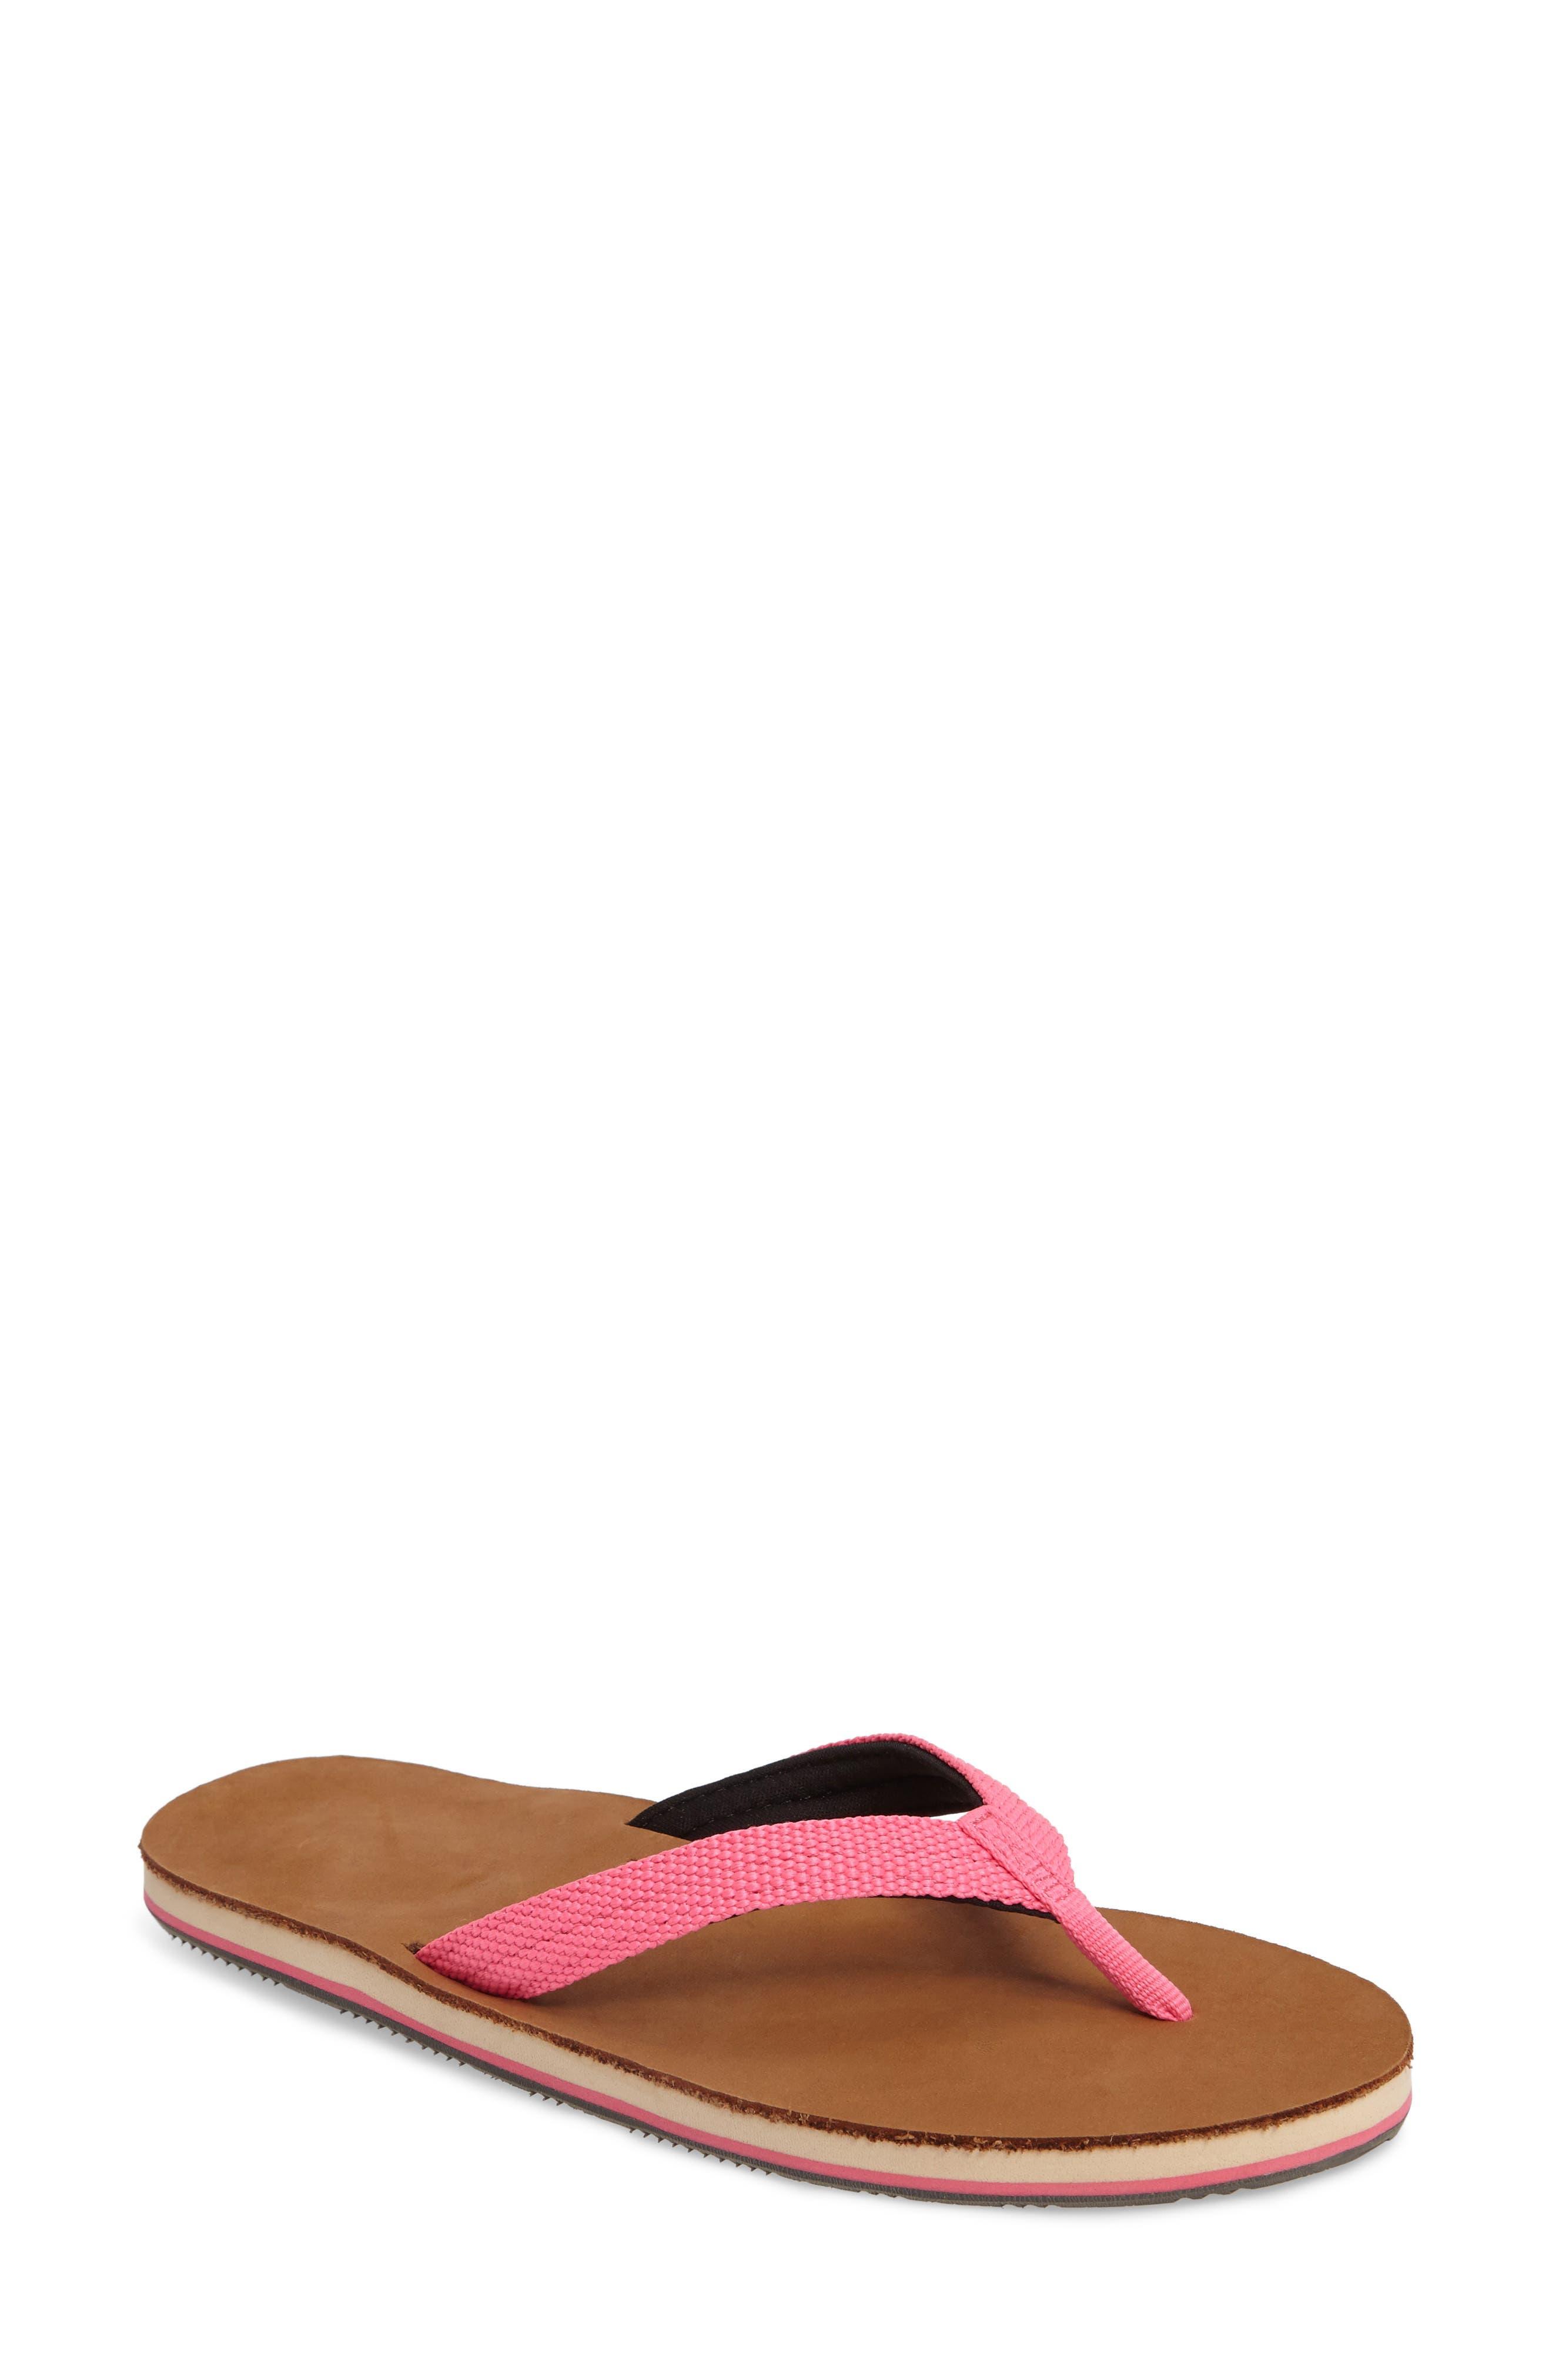 Scouts Flip Flop,                         Main,                         color, Neon Pink/ Black